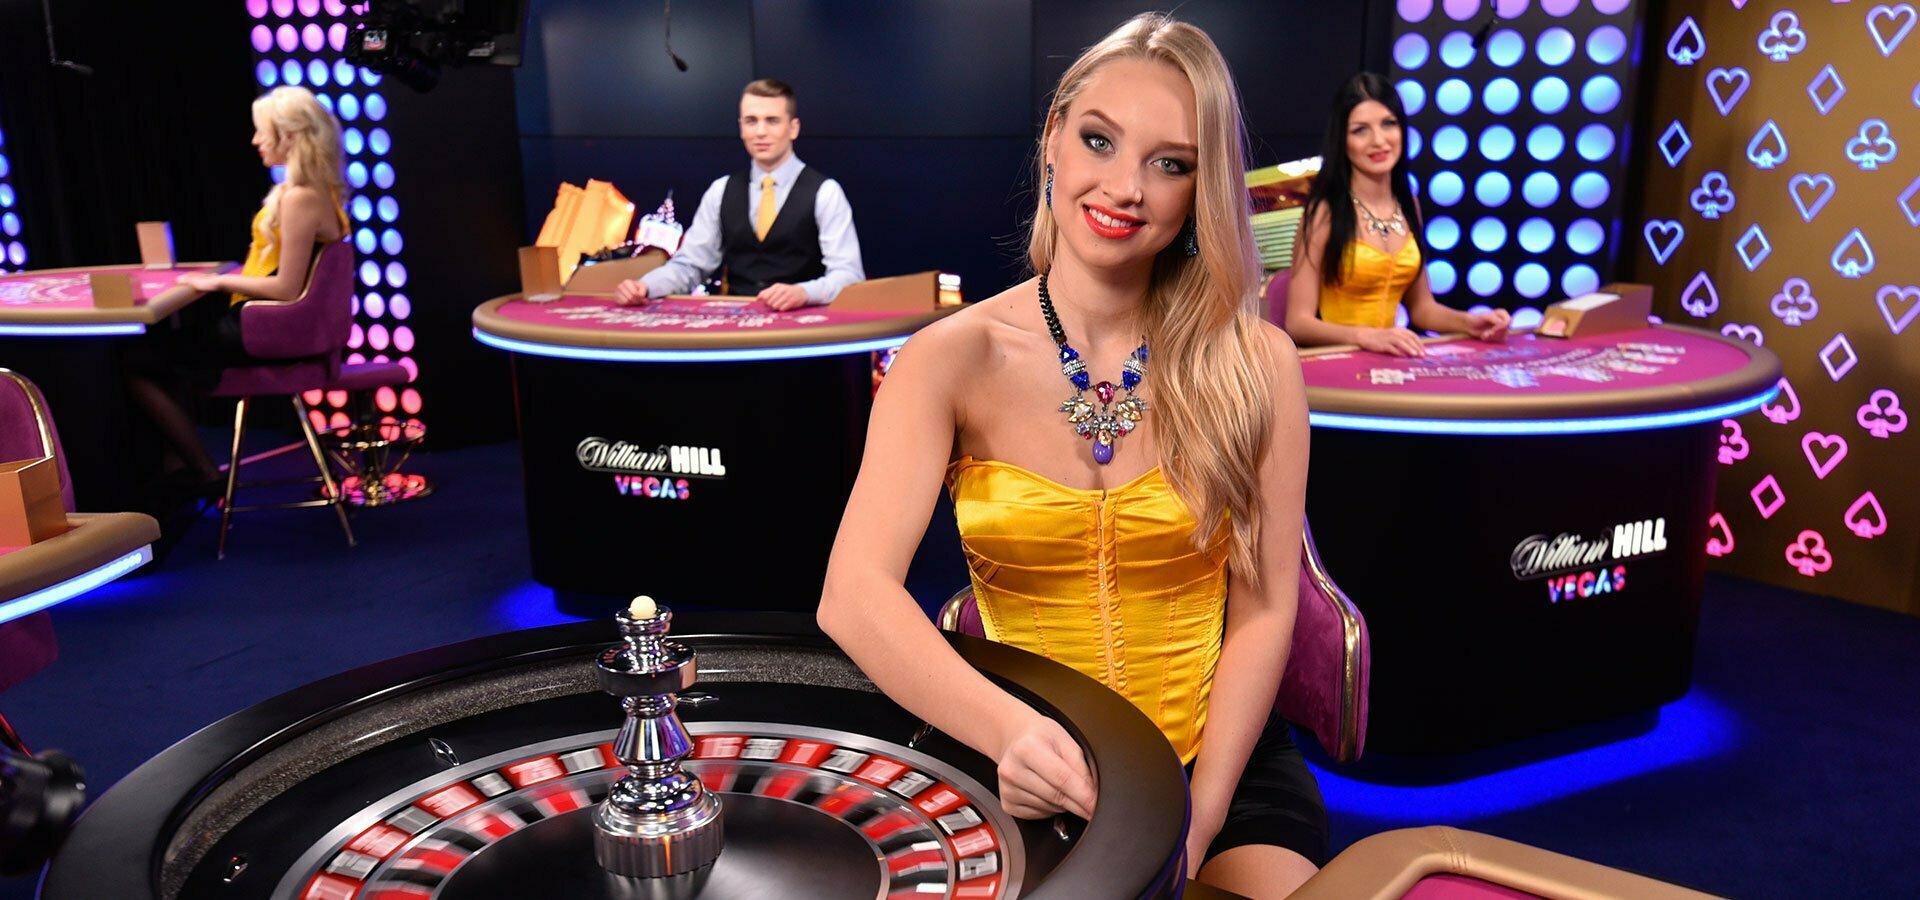 Tutorial Bermain Blackjack Di Situs Casino Online